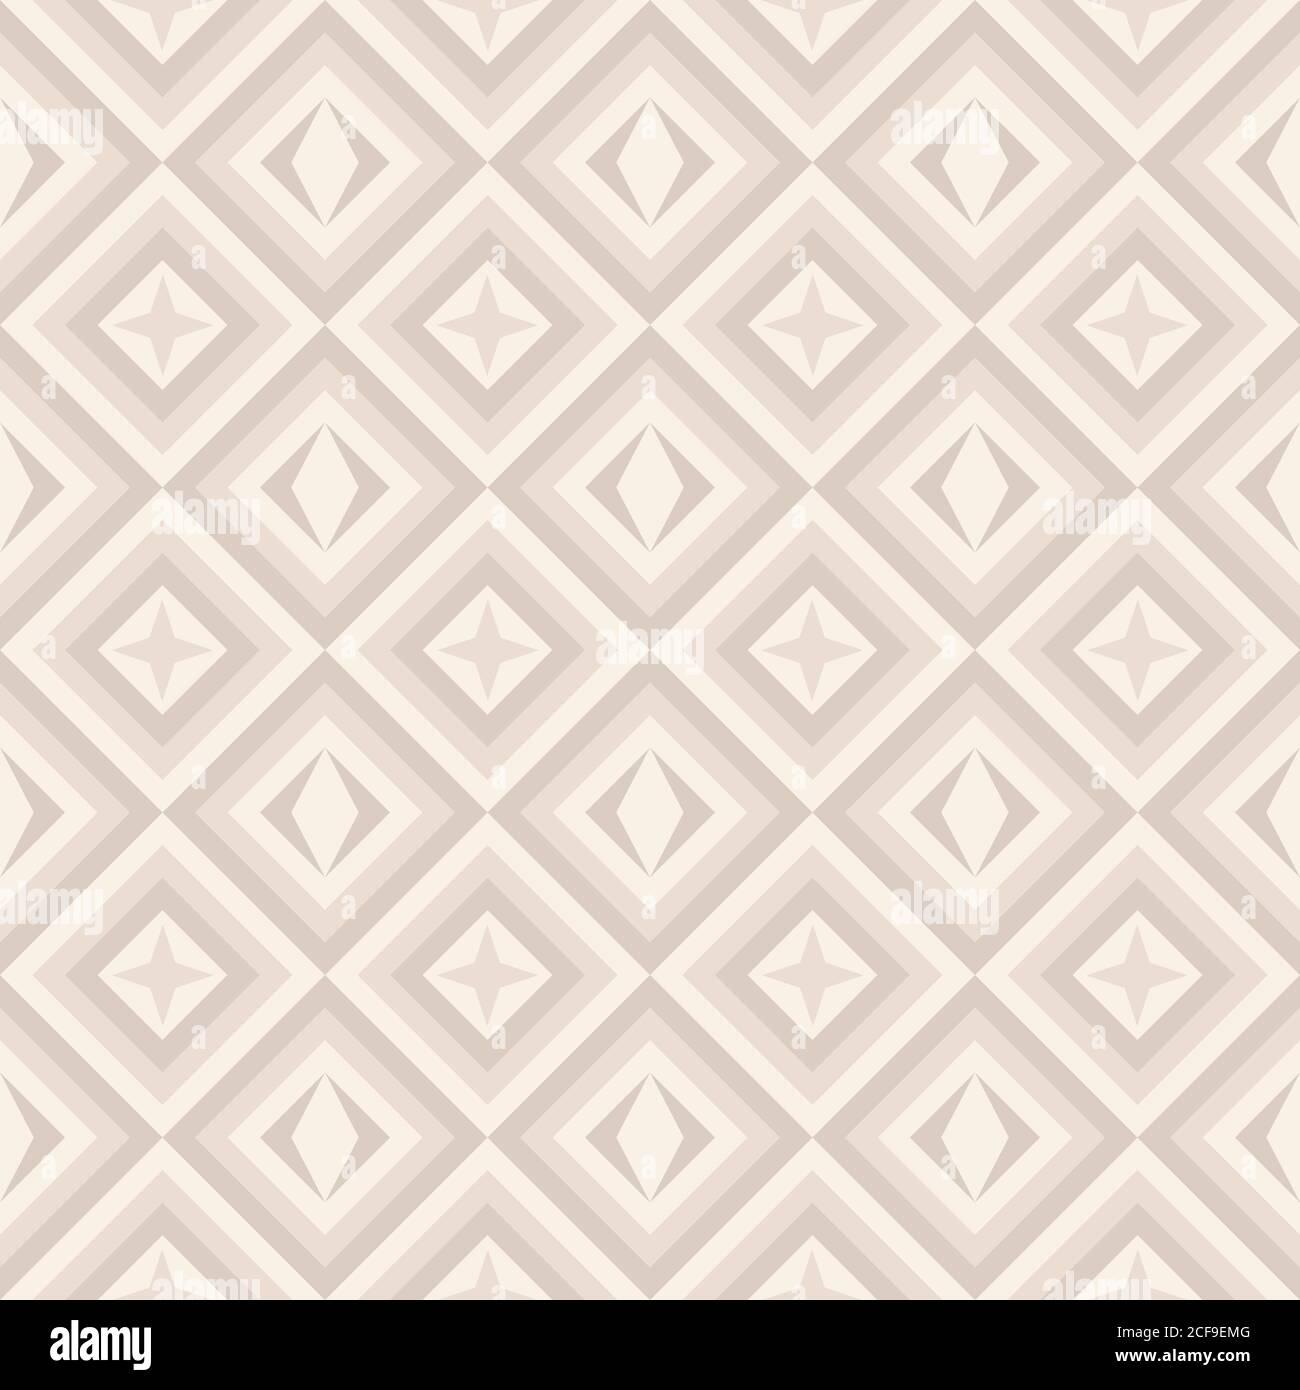 Mode geometrische Muster in Retro-Farben, nahtlose Vektor-Hintergrund. Für Mode Textil, Stoff, Hintergründe. Stock Vektor